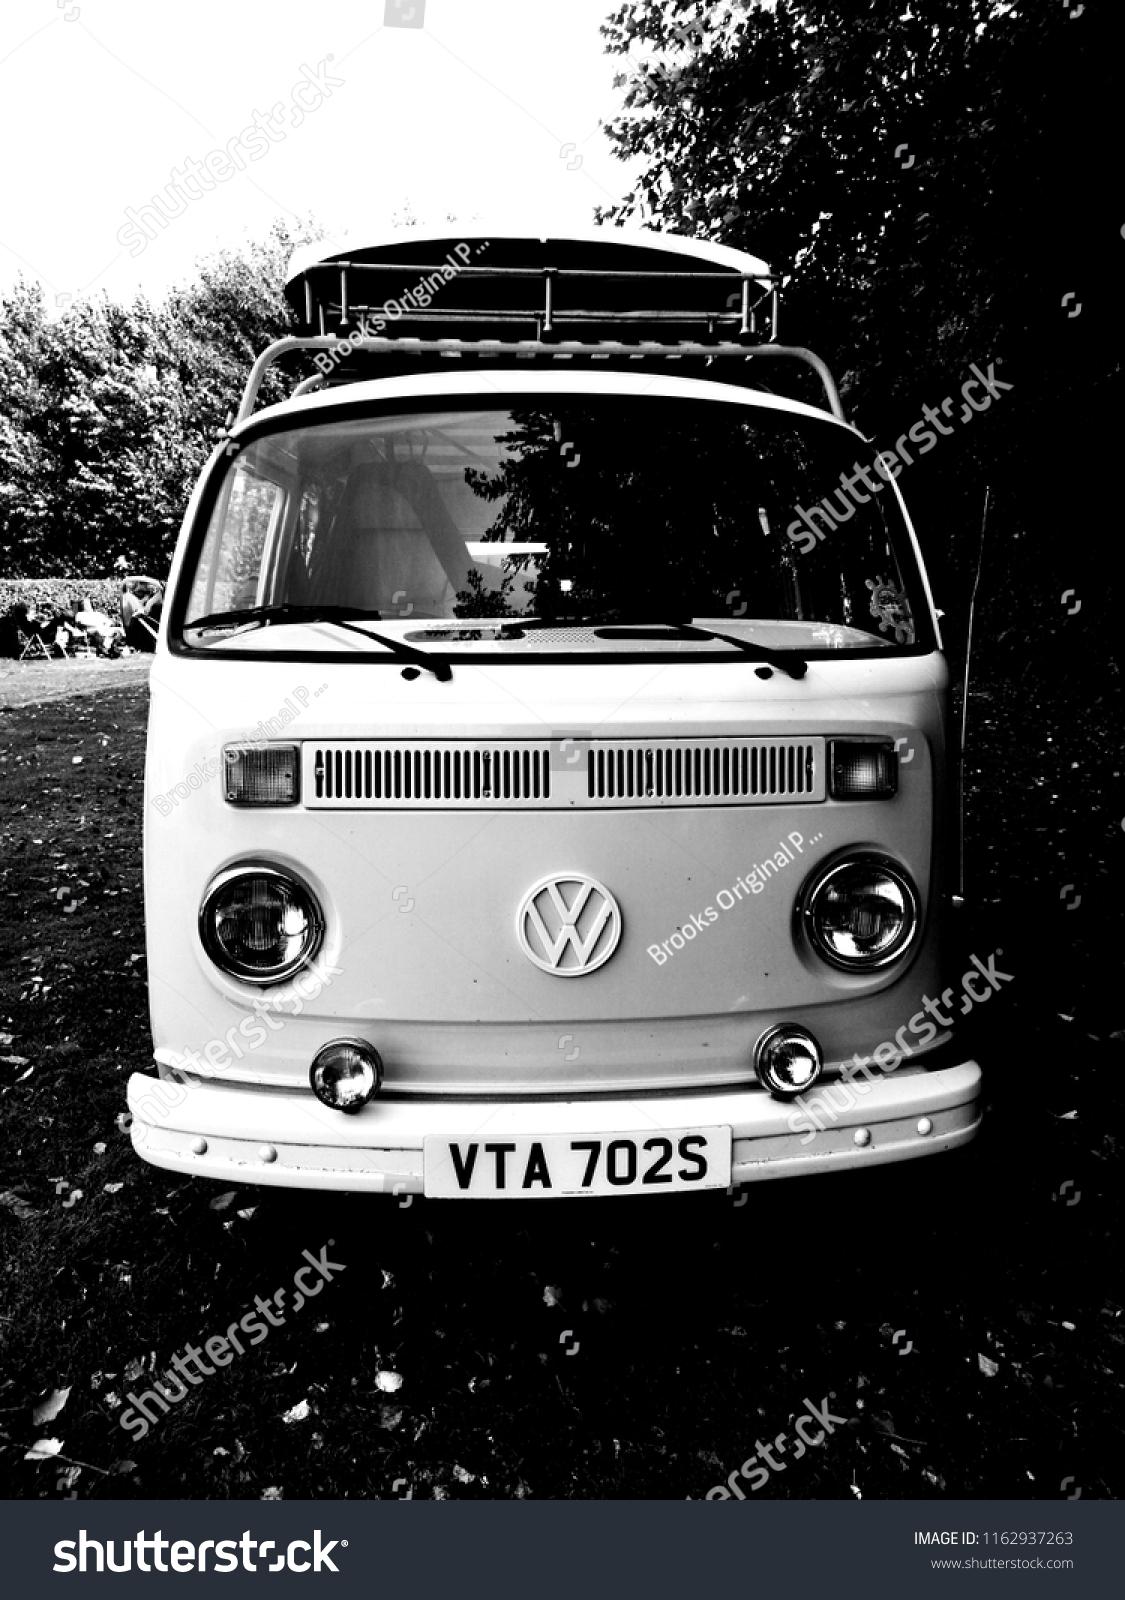 Volkswagen Camper Van 23rd August 2018 Stock Photo Edit Now 1162937263